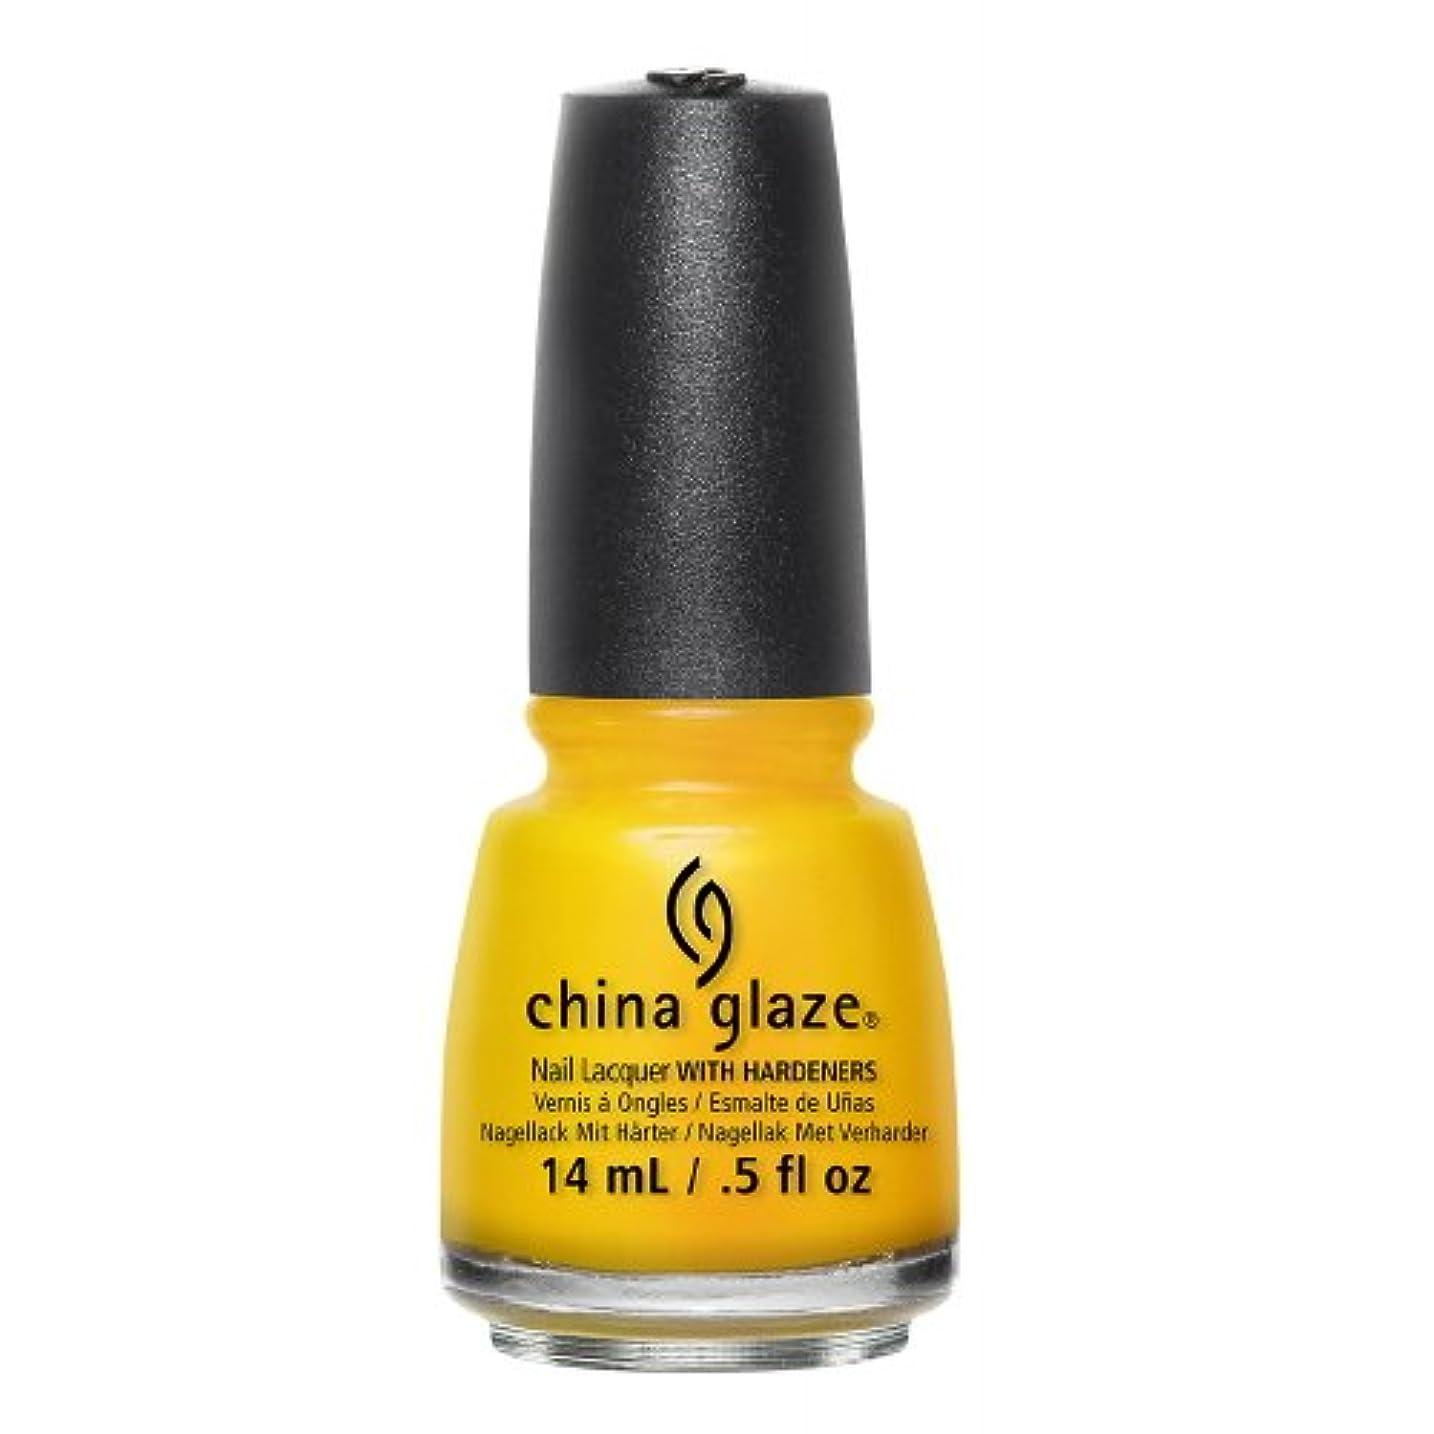 報酬の線形ふざけた(3 Pack) CHINA GLAZE Nail Lacquer - Road Trip - Suns Up Top Down (並行輸入品)